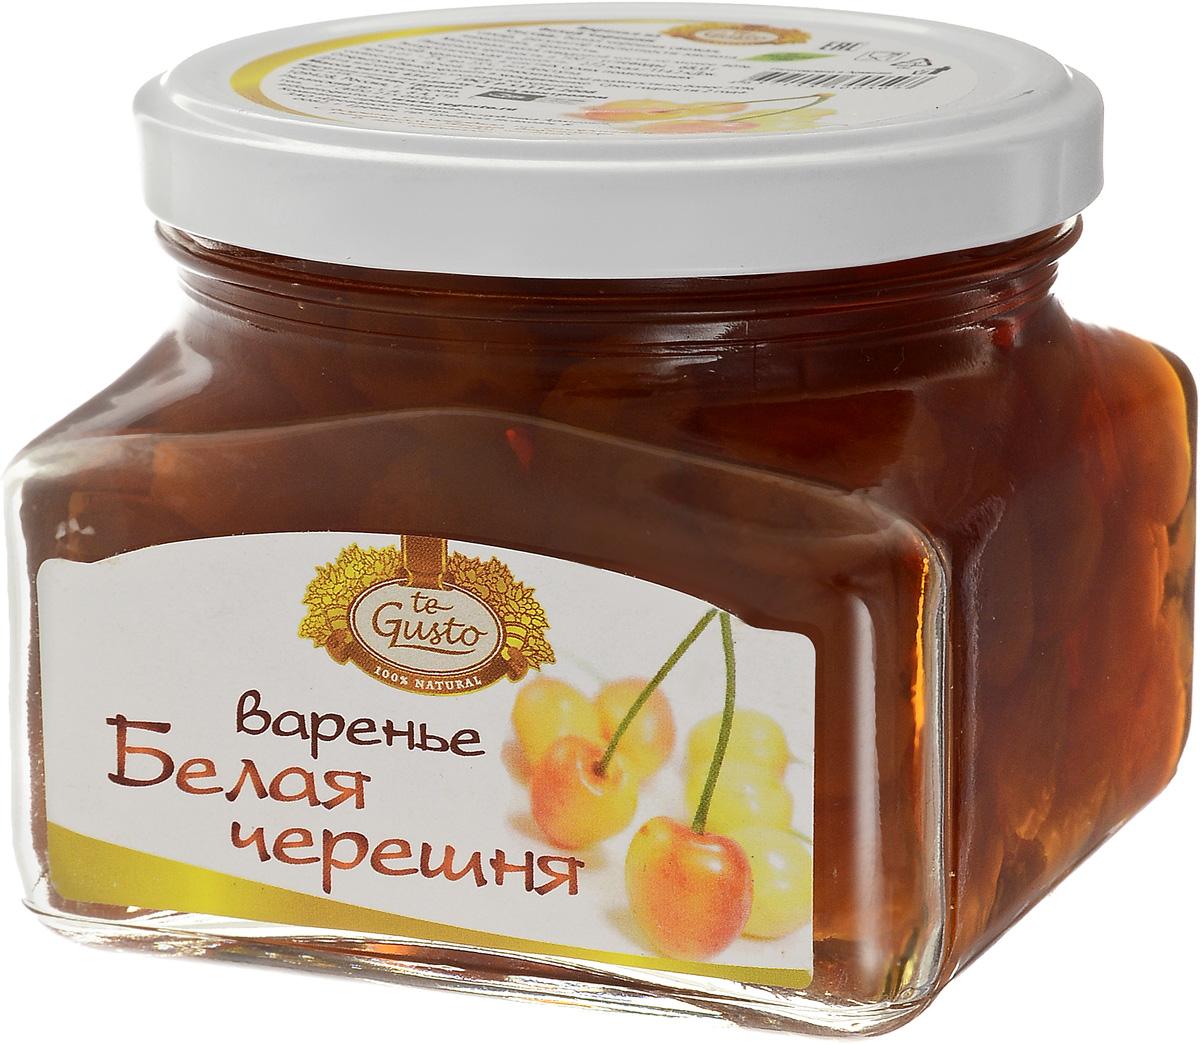 te Gusto Варенье из белой черешни, 430 г0120710На сегодняшний день в мире насчитывается около четырех тысяч сортов черешни. Однако все они произошли от одного вида - так называемой птичьей вишни. Чем же полезна черешня? Во-первых, в ней содержится большое количество витаминов (среди них витамины С, Е, группы витаминов В и другие). Также эти ягоды богаты марганцем, йодом, фосфором, железом, магнием. Практически без ограничений черешню могут кушать и люди, страдающие диабетом, ведь в ней содержится до 75 % сложных углеводов - фруктозы. Так как кушать такую полезную ягоду хочется не только летом, но и зимой, и поэтому особой популярностью пользуется варенье из белой черешни.Уважаемые клиенты! Обращаем ваше внимание, что полный перечень состава продукта представлен на дополнительном изображении.